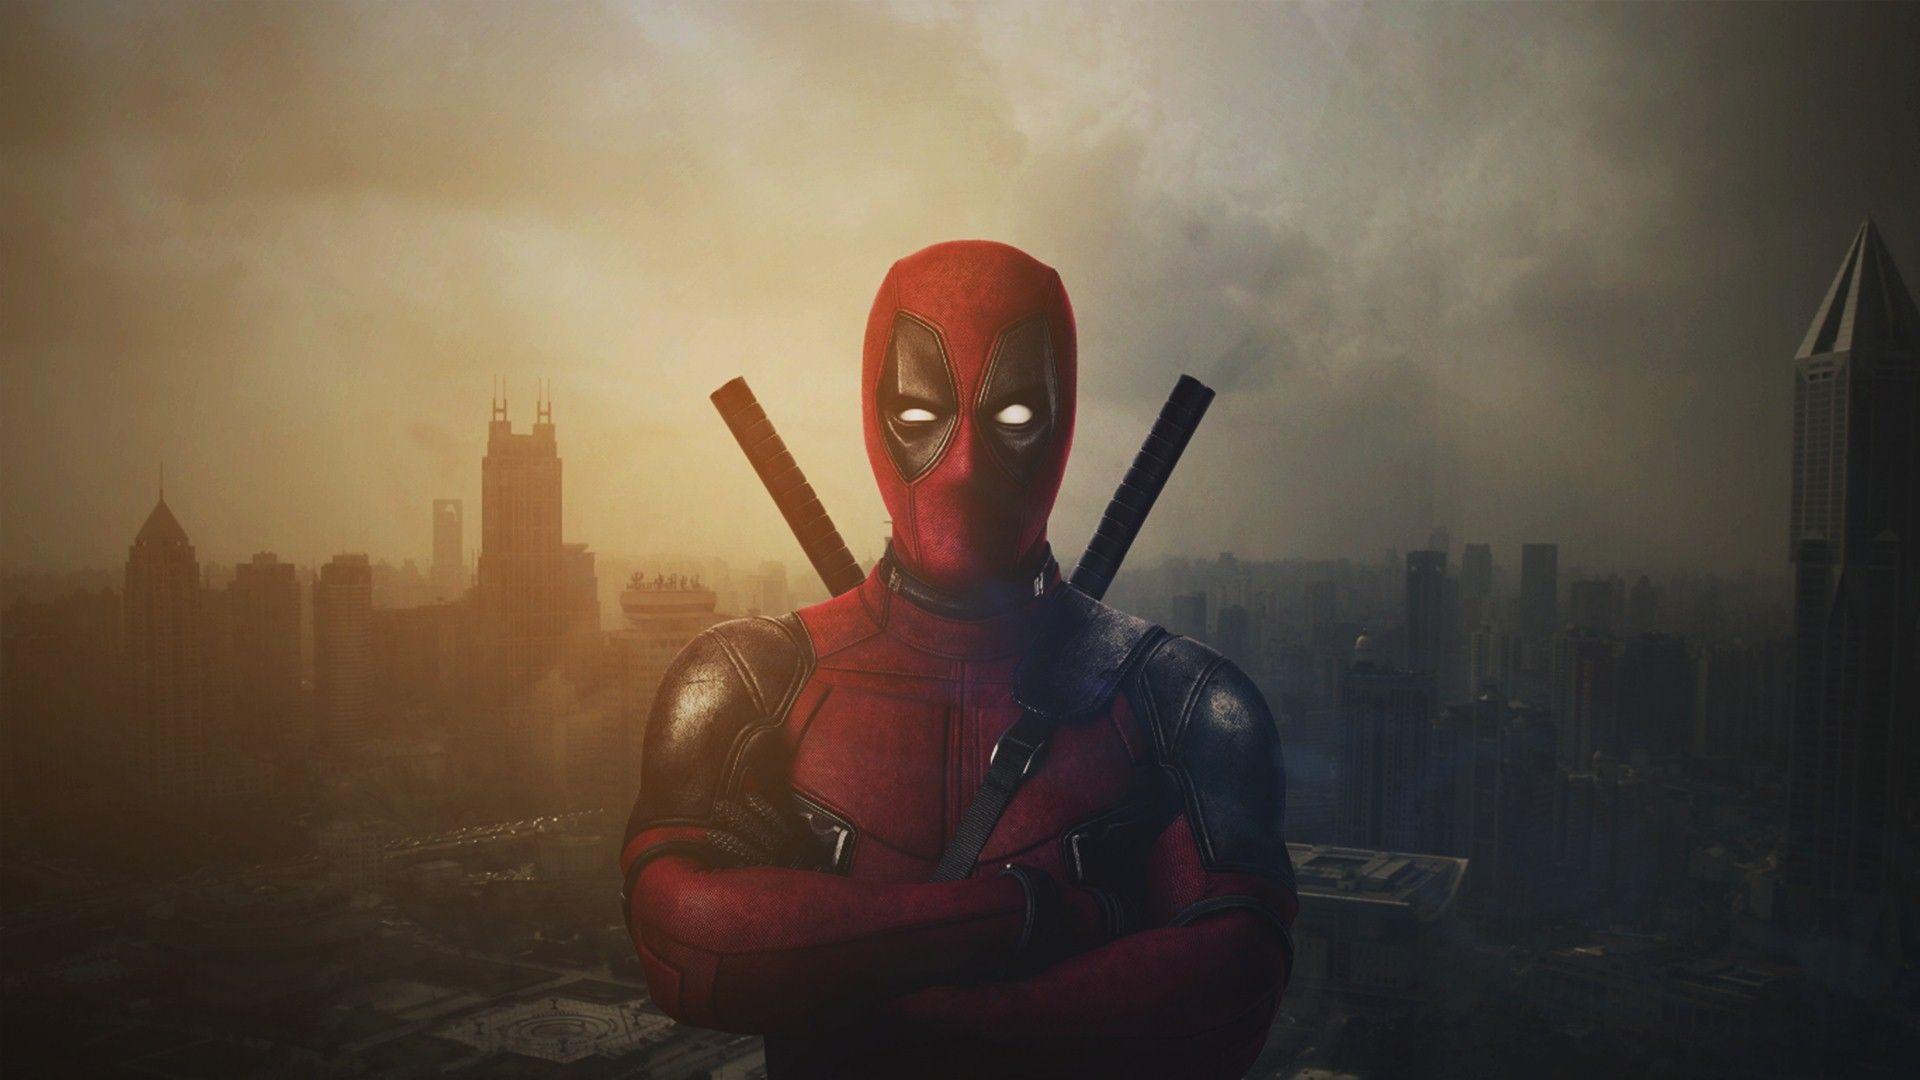 4K Deadpool Wallpapers - Top Free 4K Deadpool Backgrounds ...